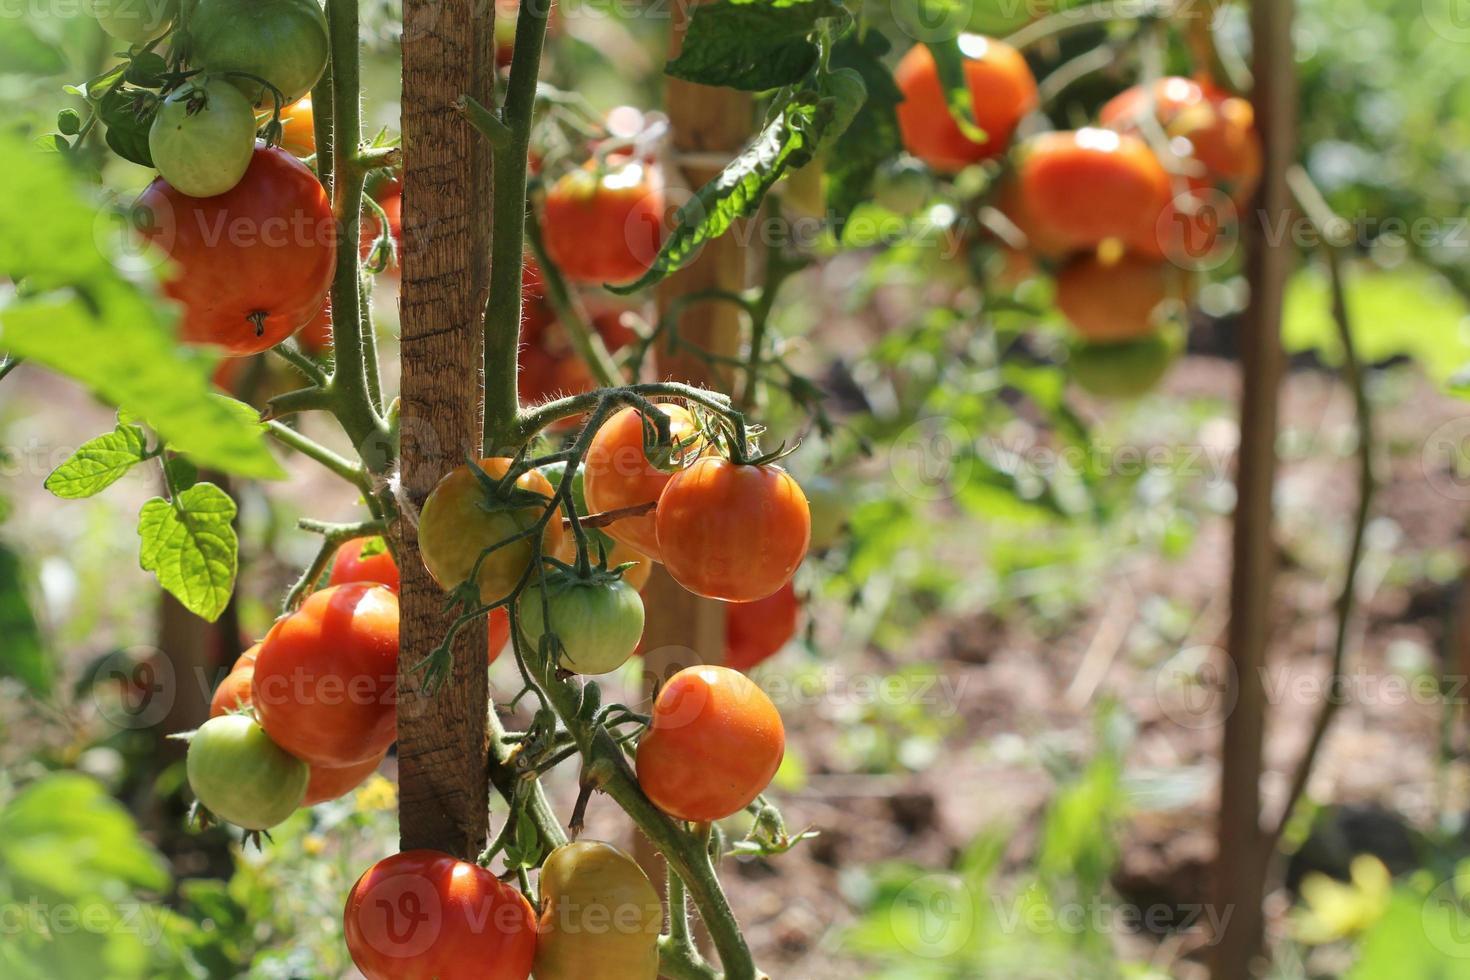 pianta di pomodoro che cresce nel giardino foto